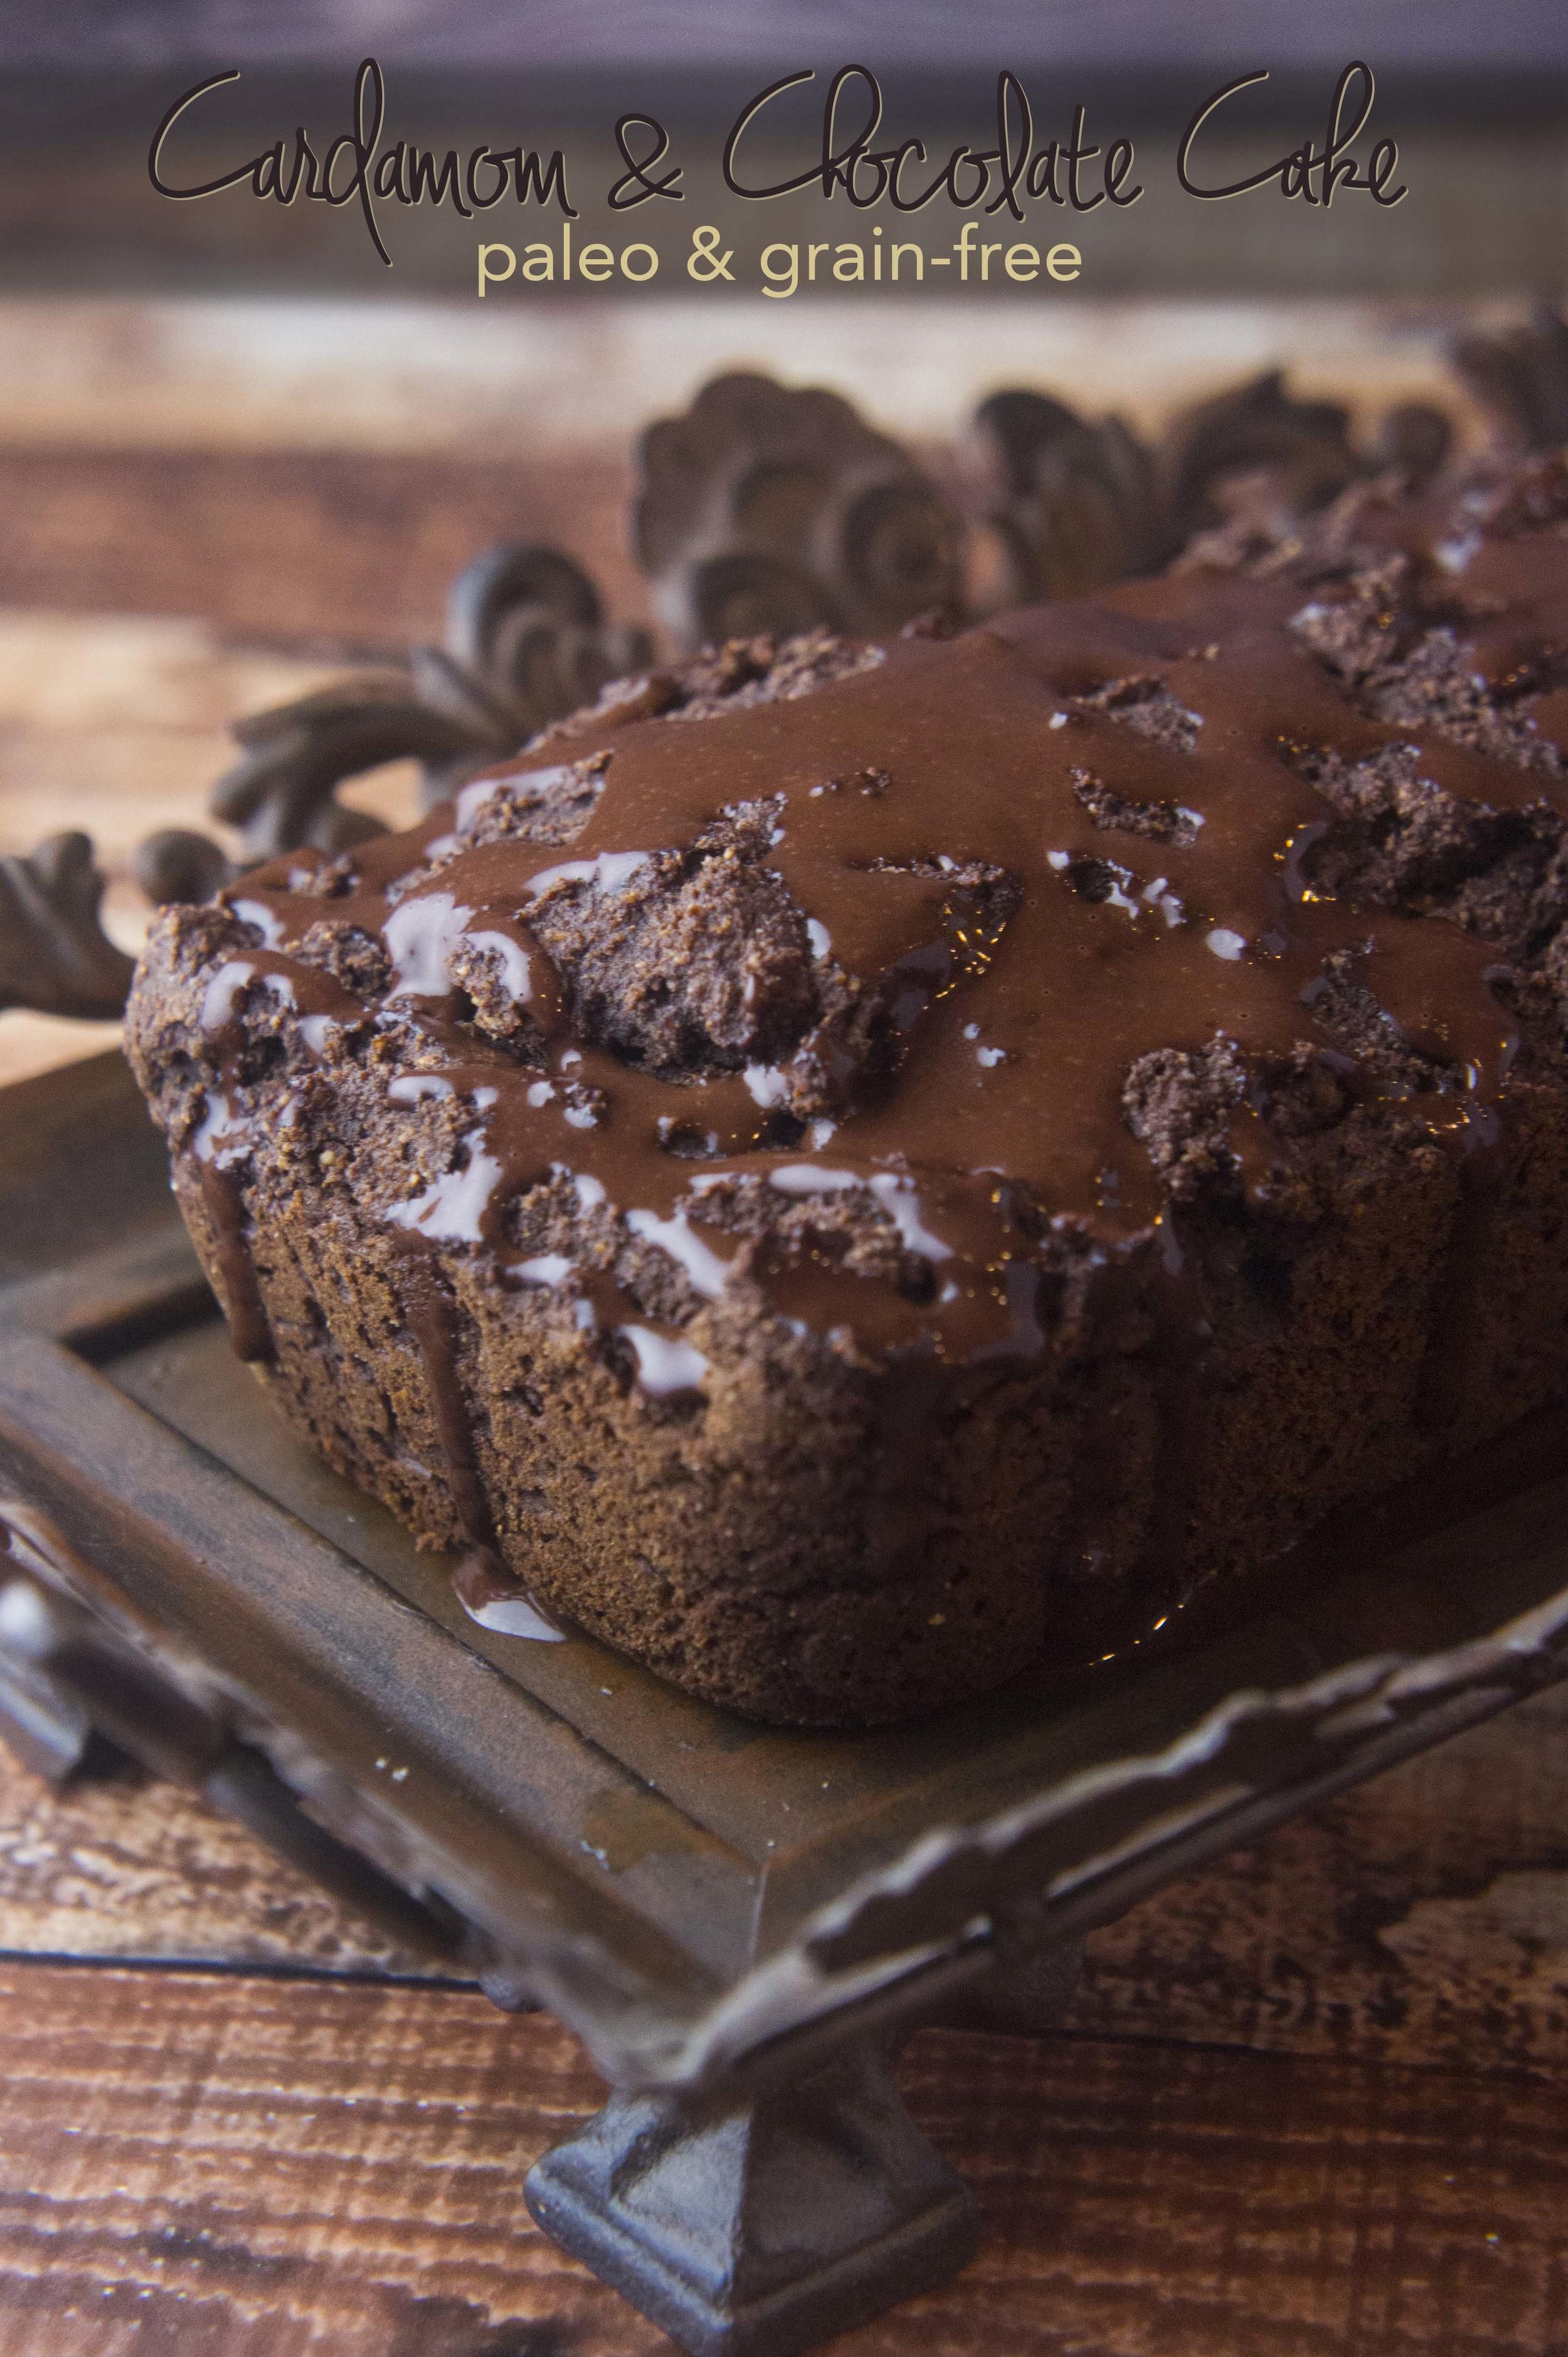 Paleo Chocolate & Cardamom Cake